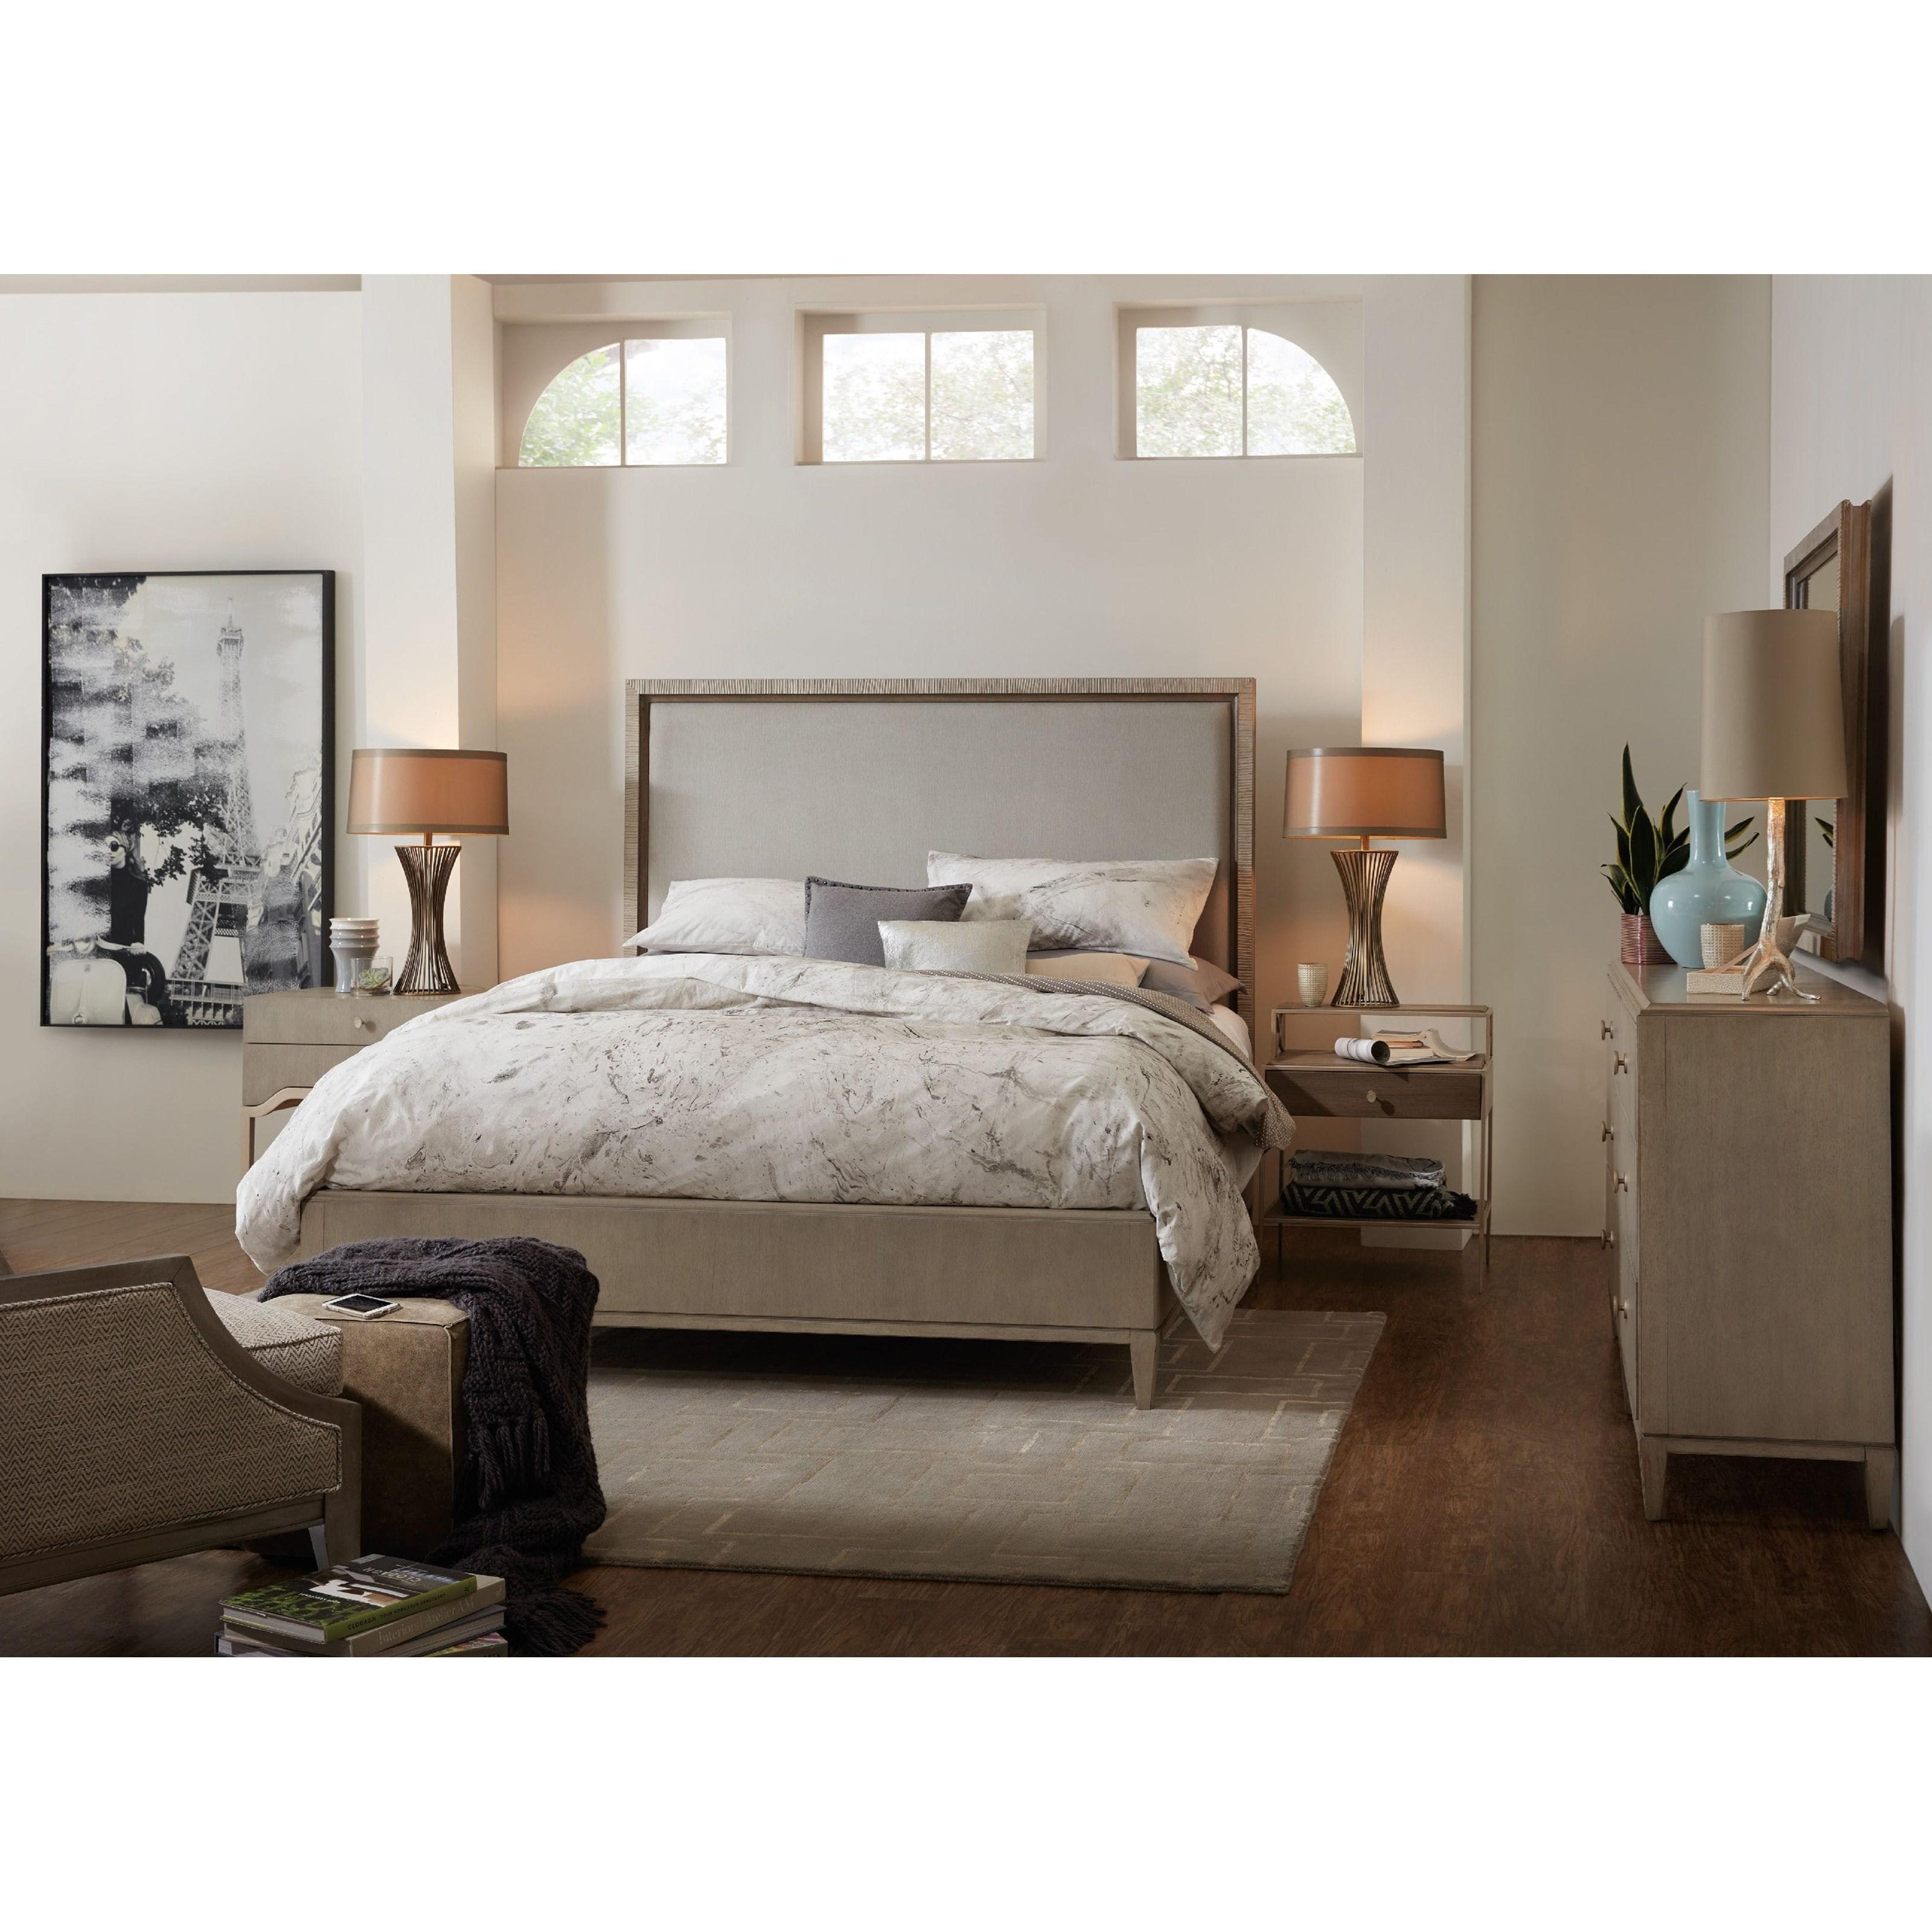 Hooker Furniture Elixir King Bedroom Group - Item Number: 5990 K Bedroom Group 1